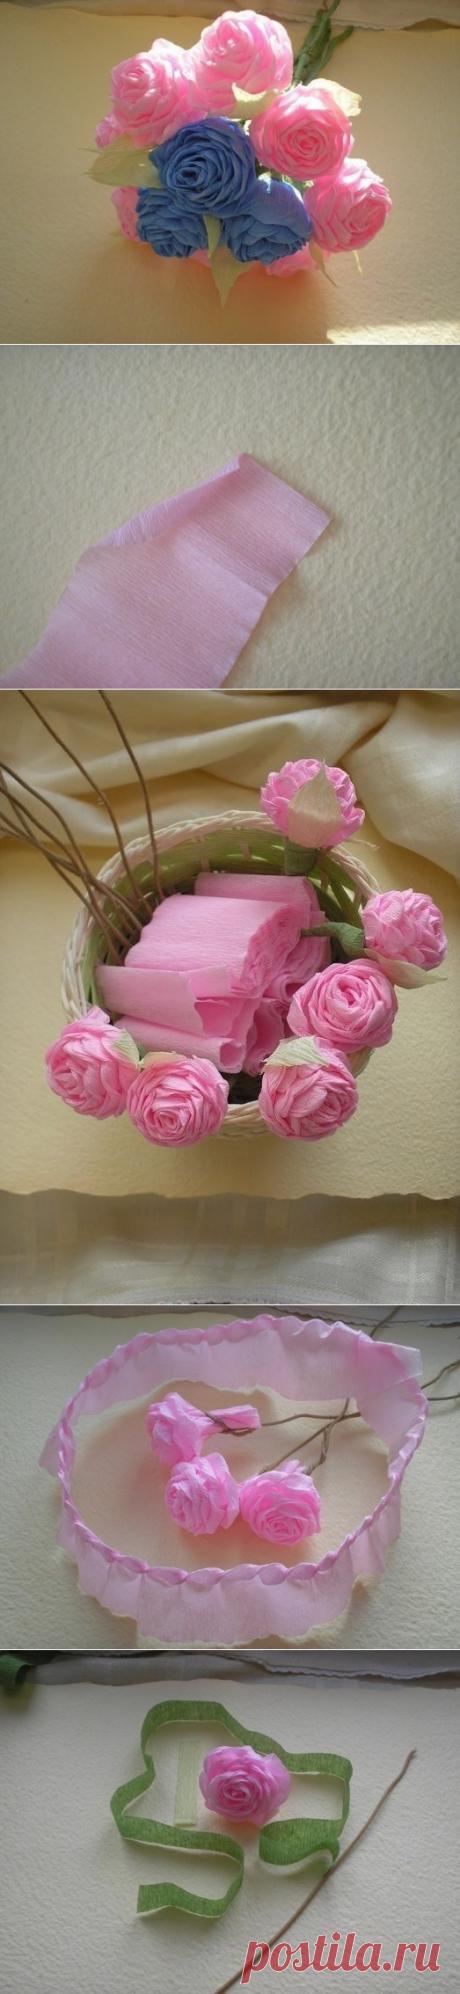 Нежные розы из гофрированной бумаги — Сделай сам, идеи для творчества - DIY Ideas